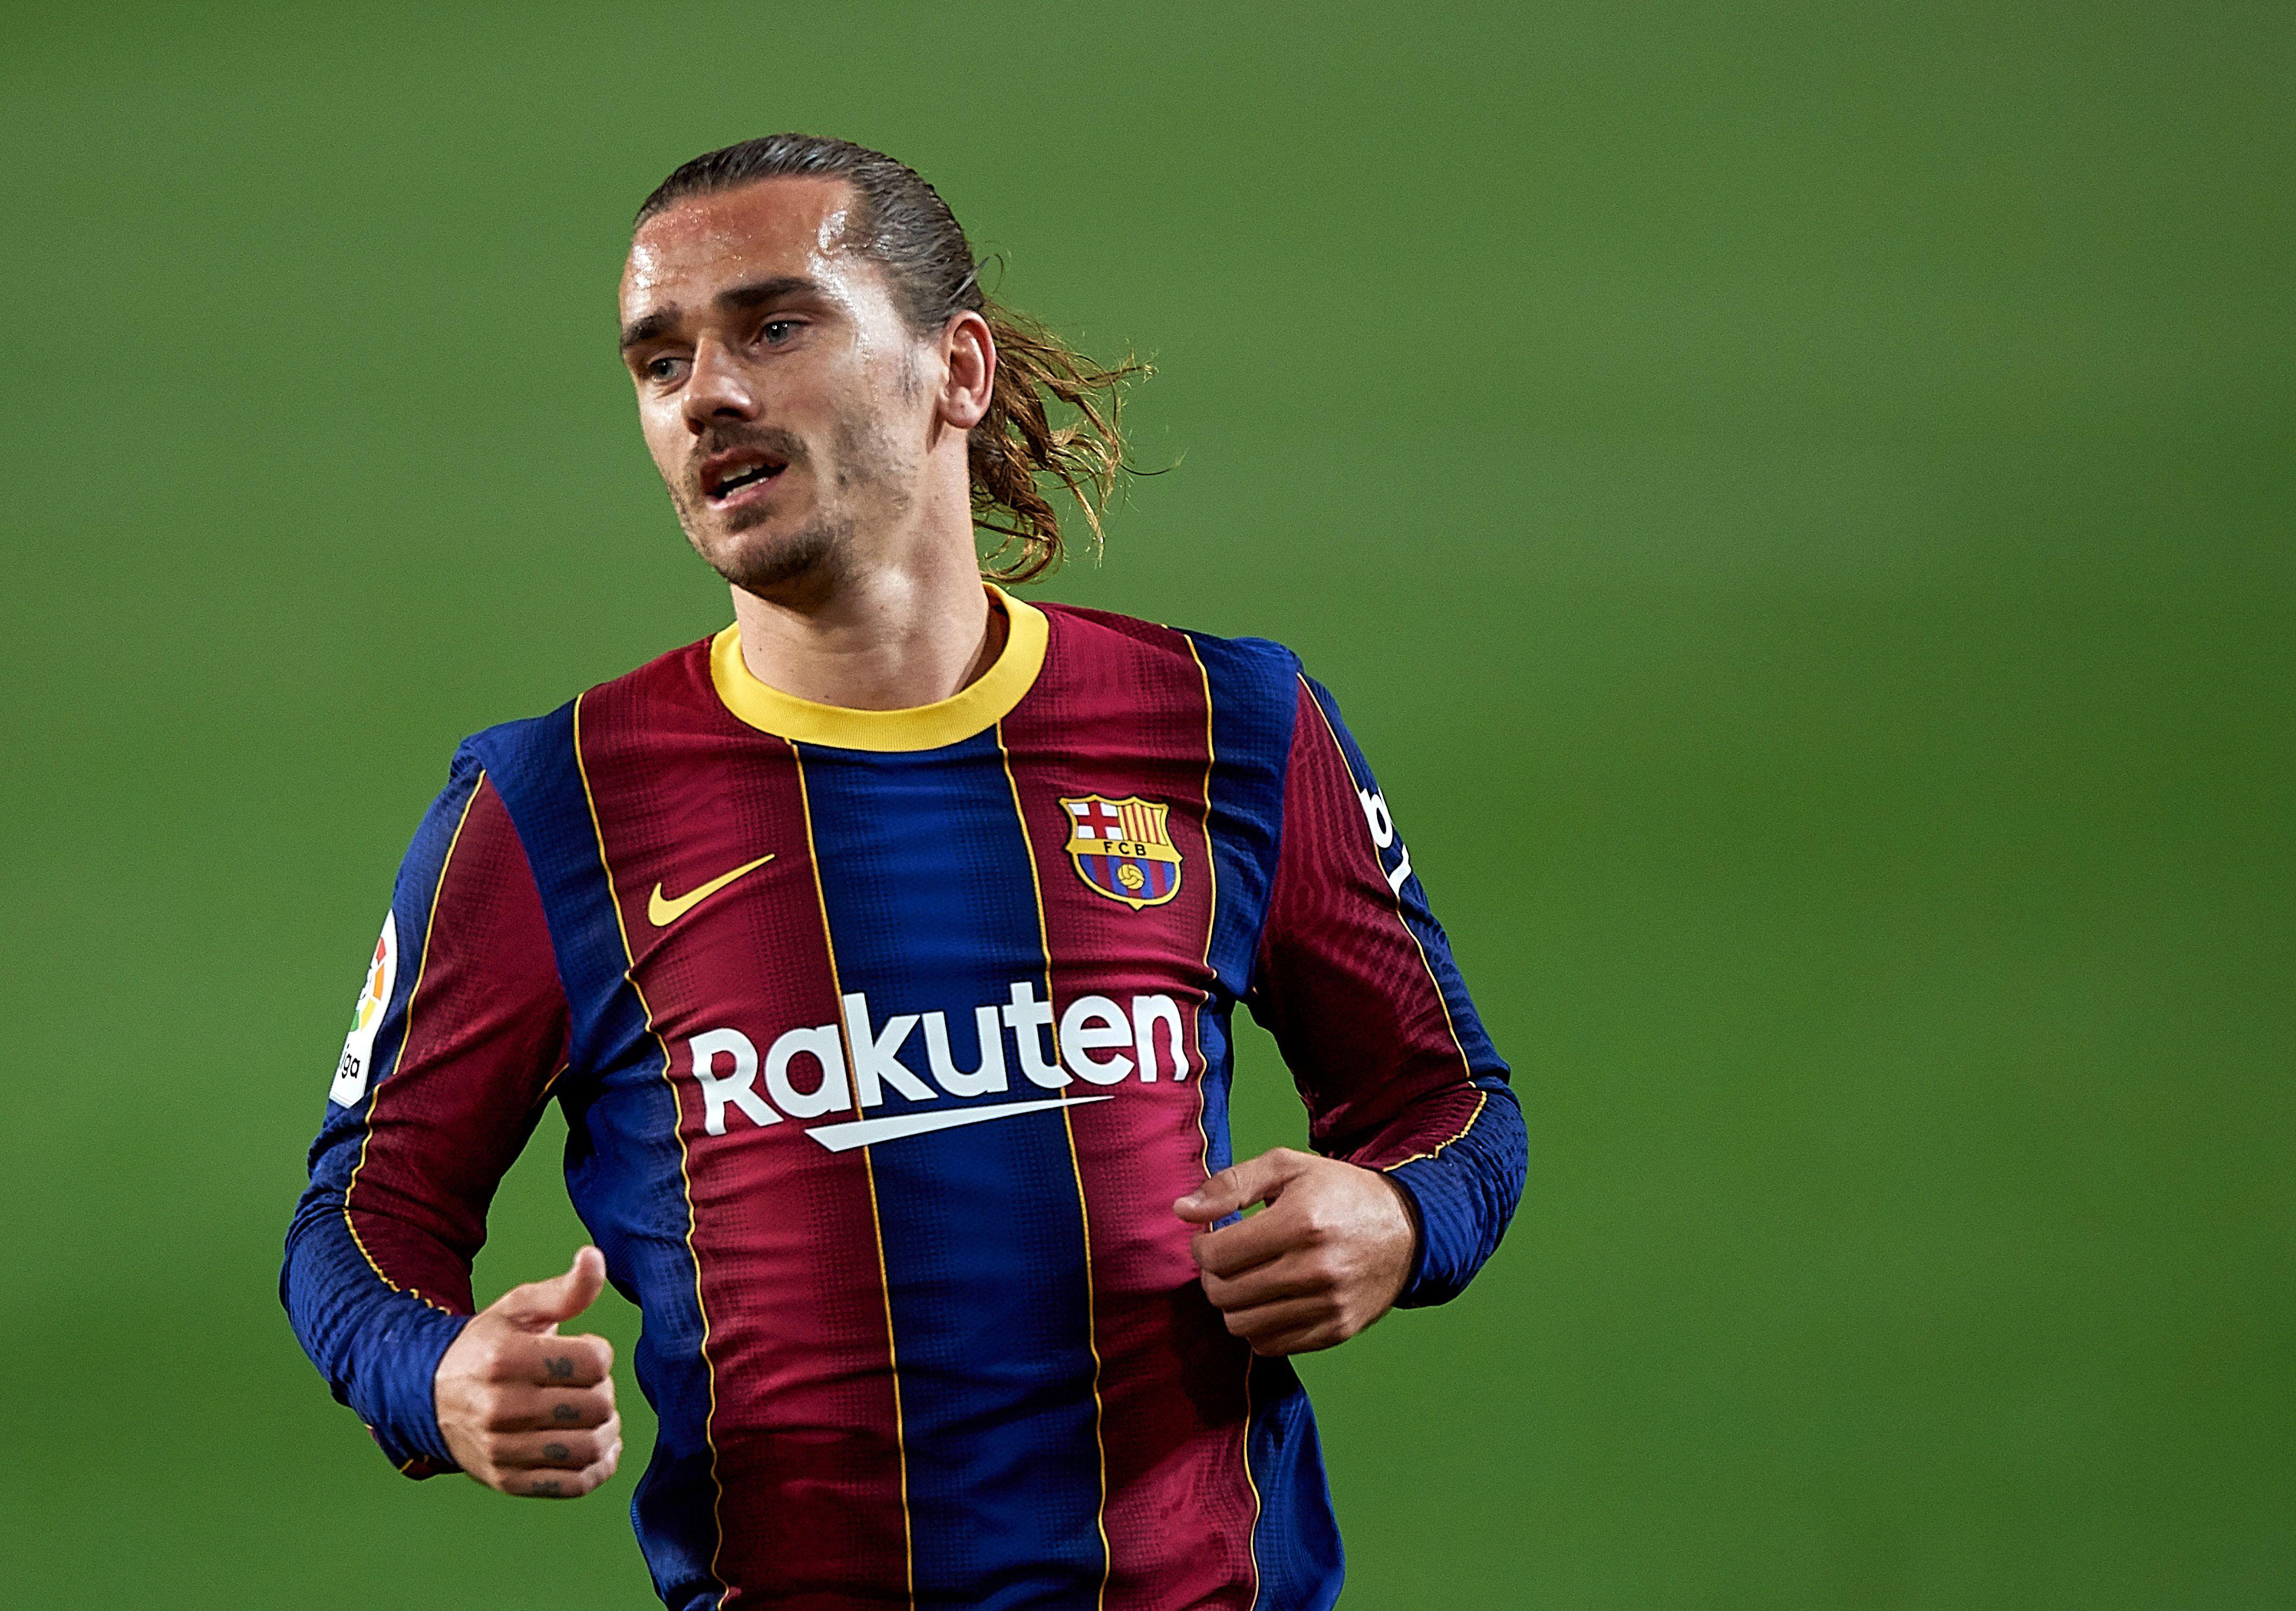 El delantero francés tiene contrato hasta 2024 con el Barcelona (REUTERS/Pablo Morano)